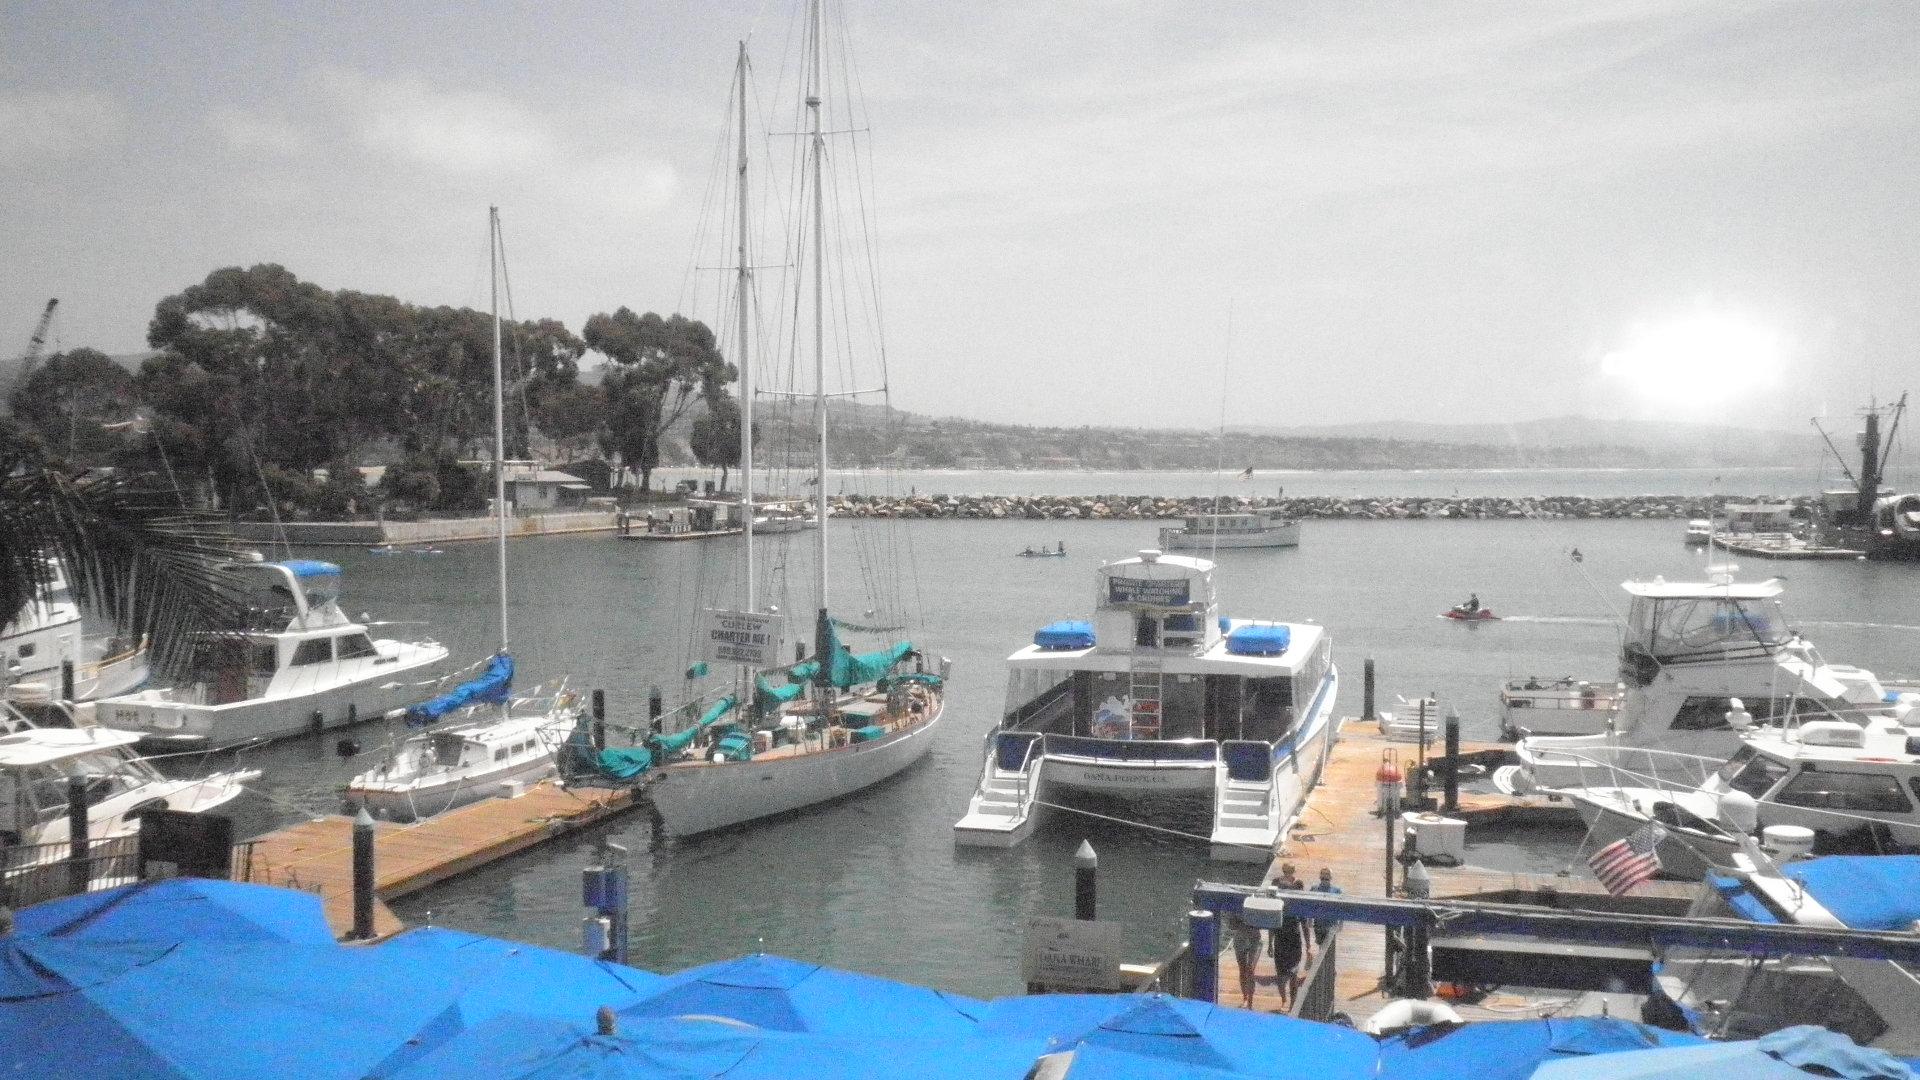 Wind N Sea Resturant